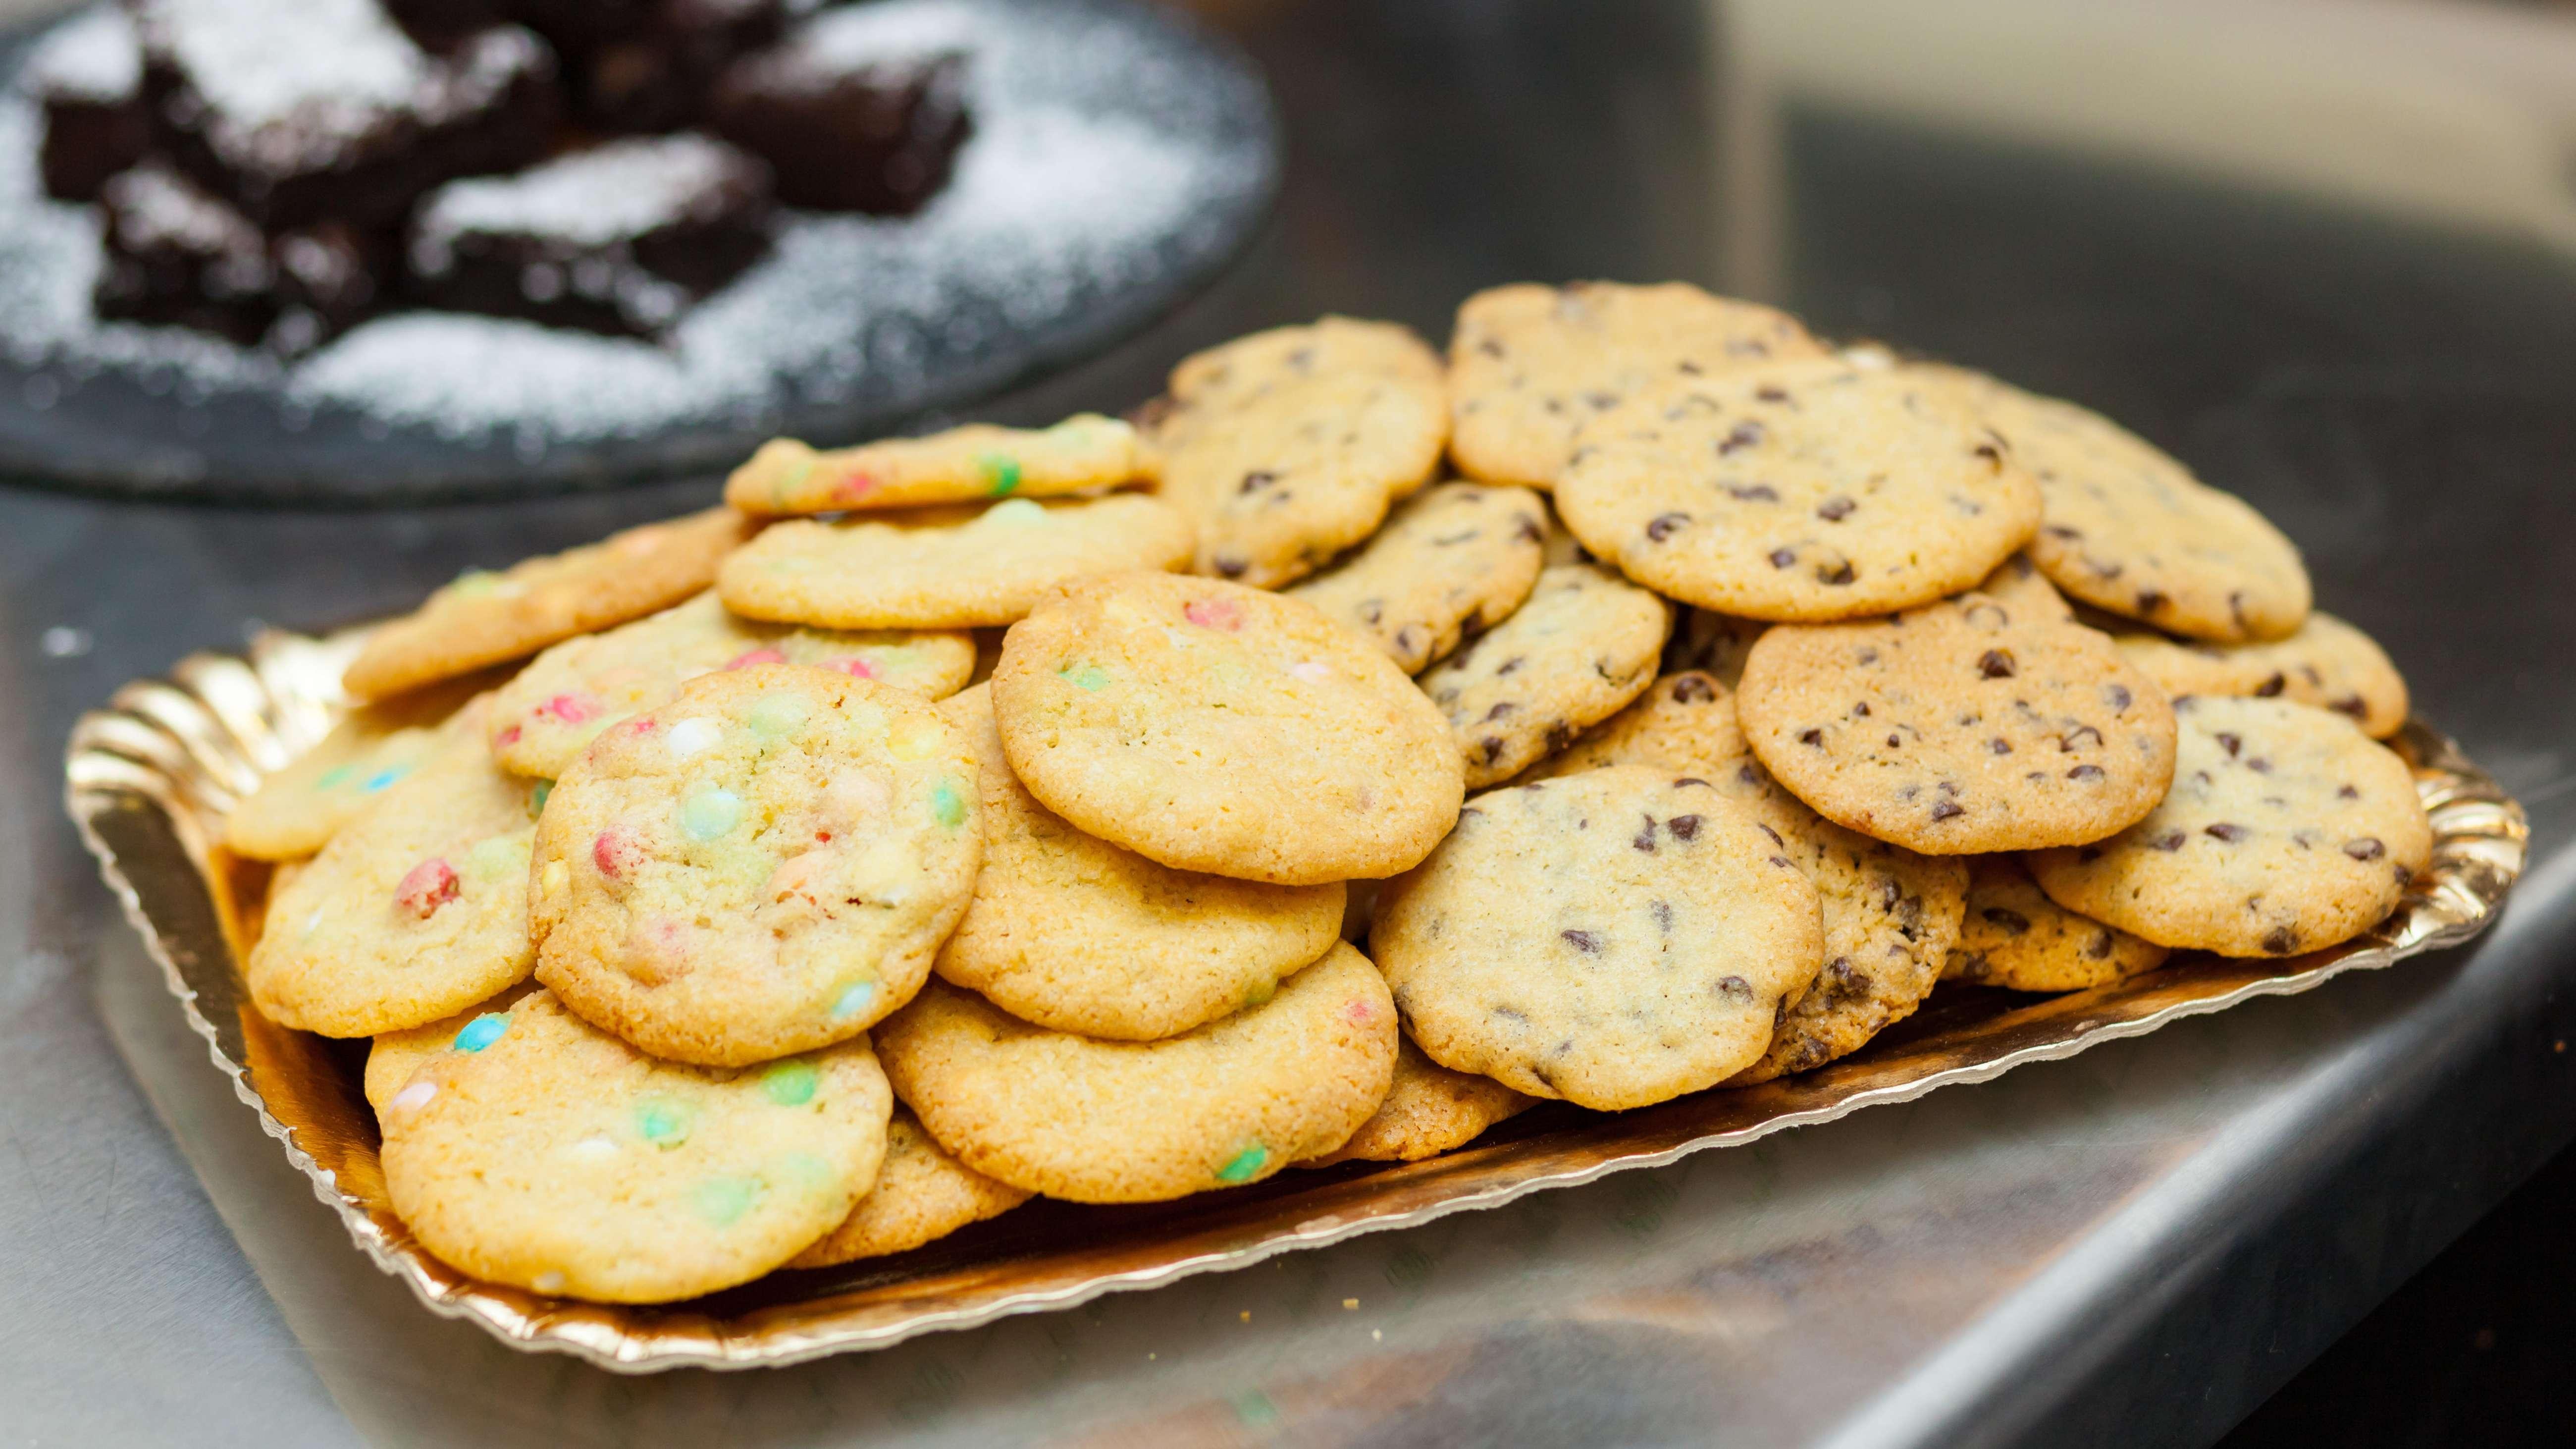 Kekse auf einem Tablett.